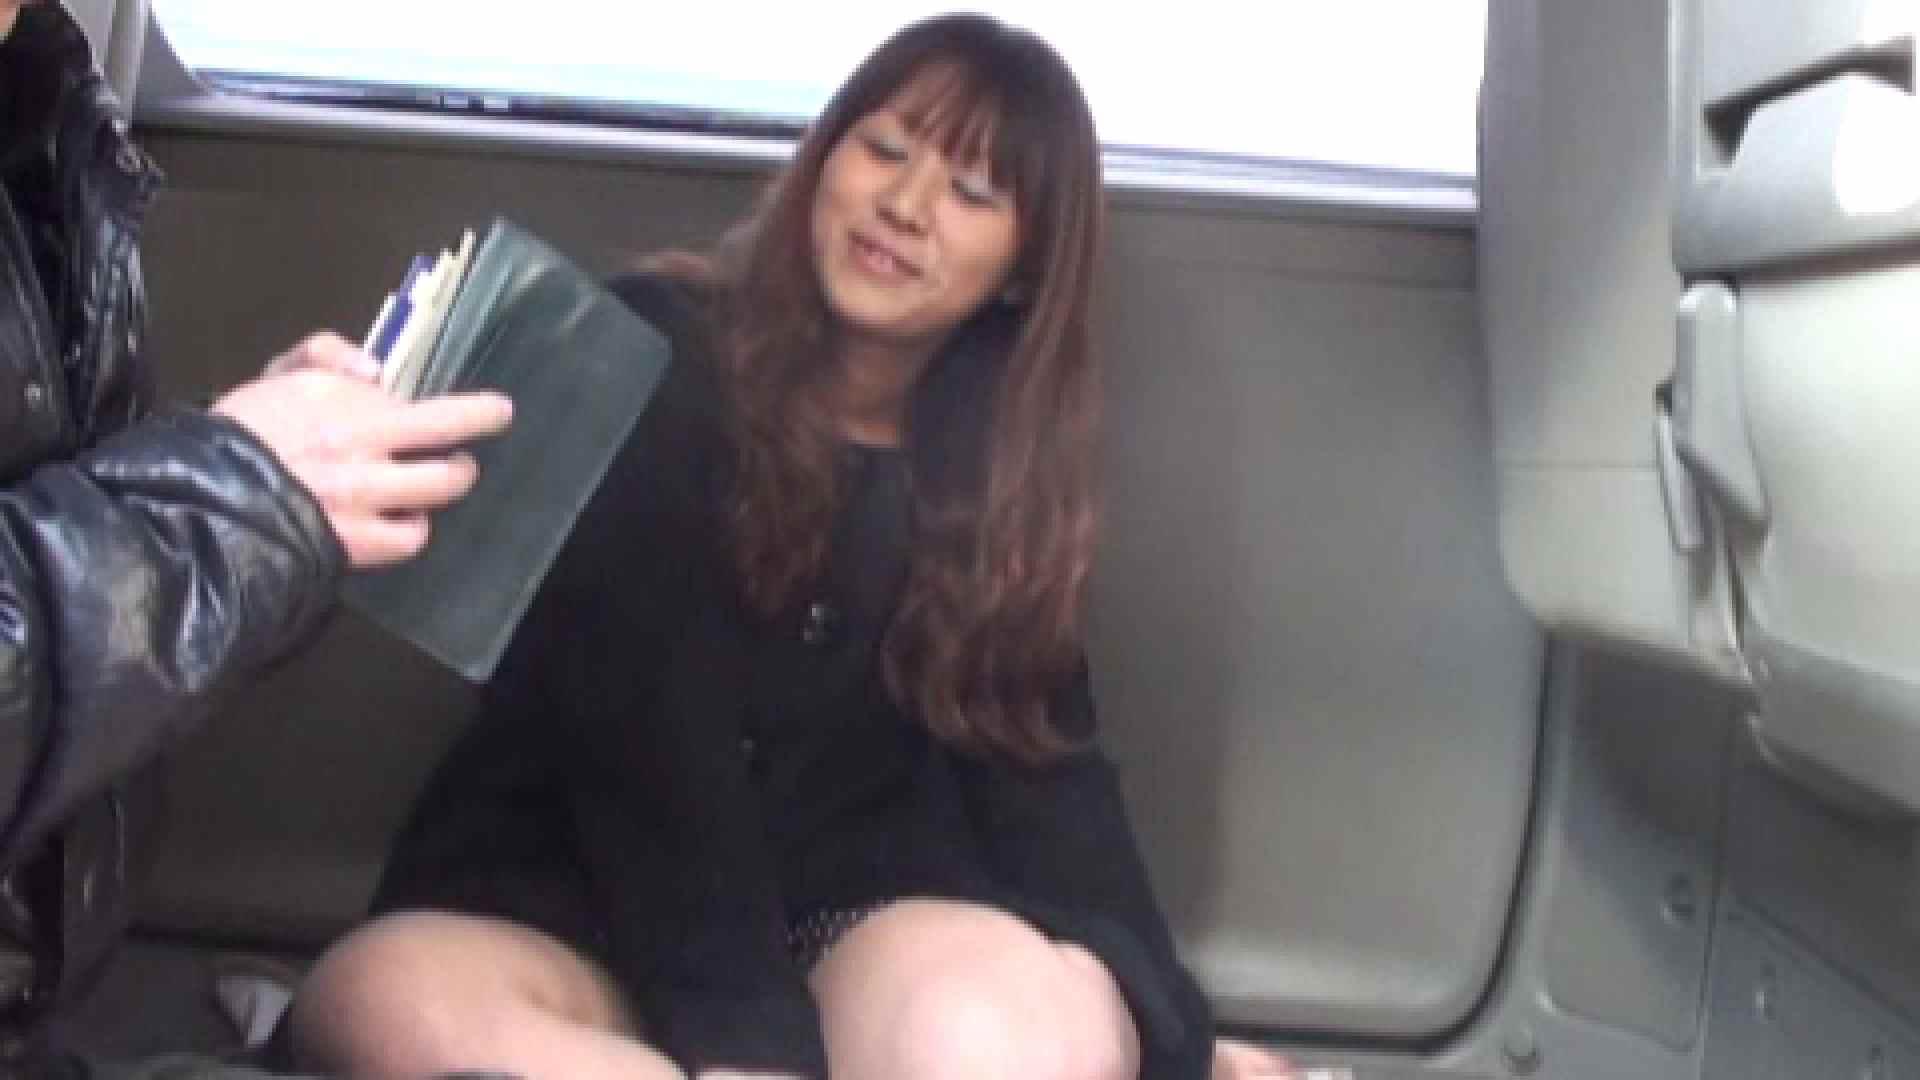 三万円でどうですか? vol.01 盗撮 おまんこ無修正動画無料 110画像 27